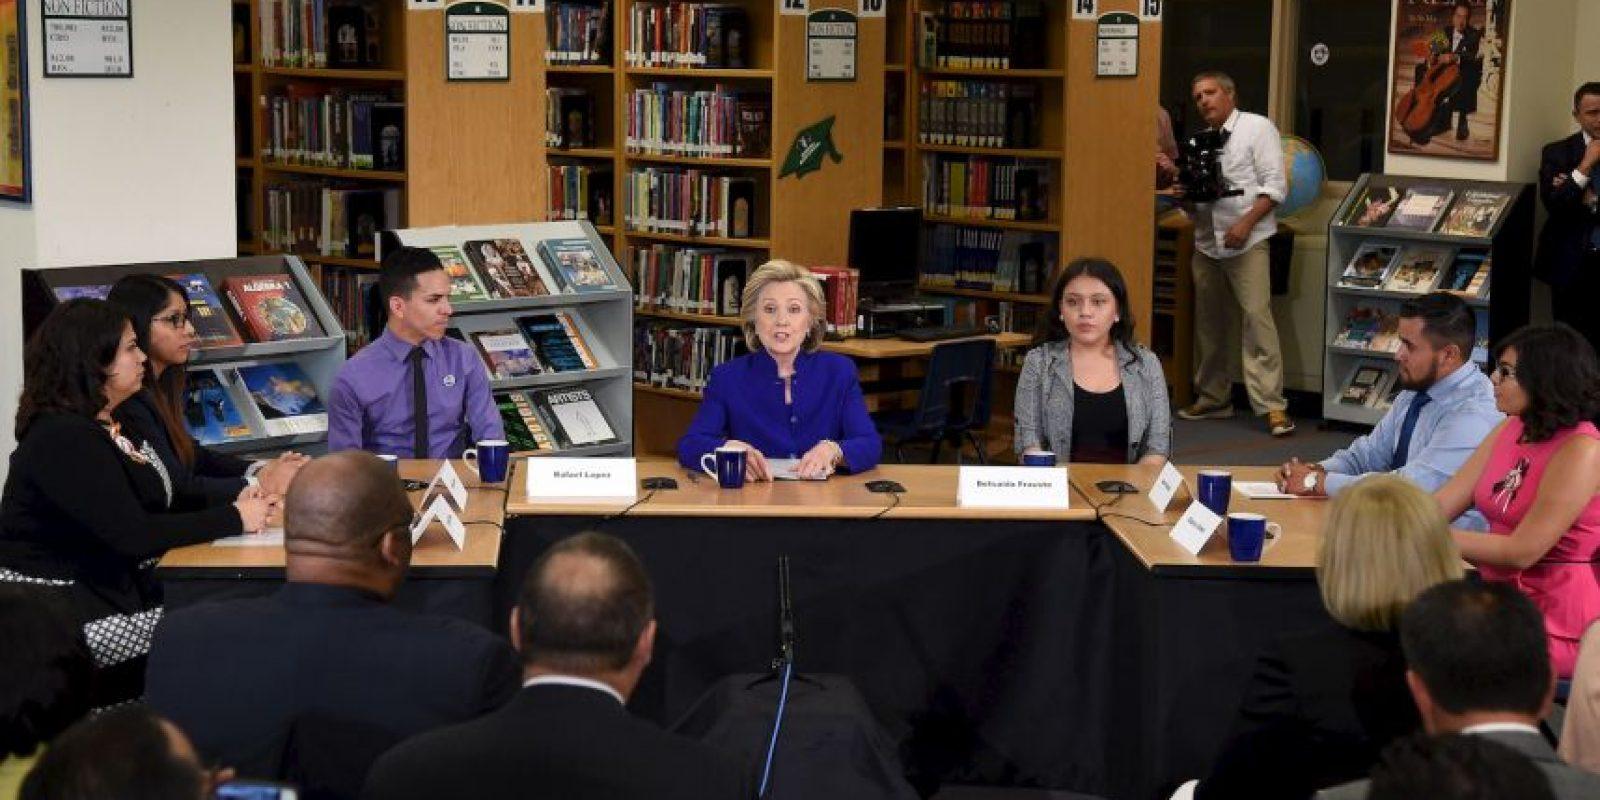 La candidata se reunió con algunos estudiantes. Foto:Getty Images